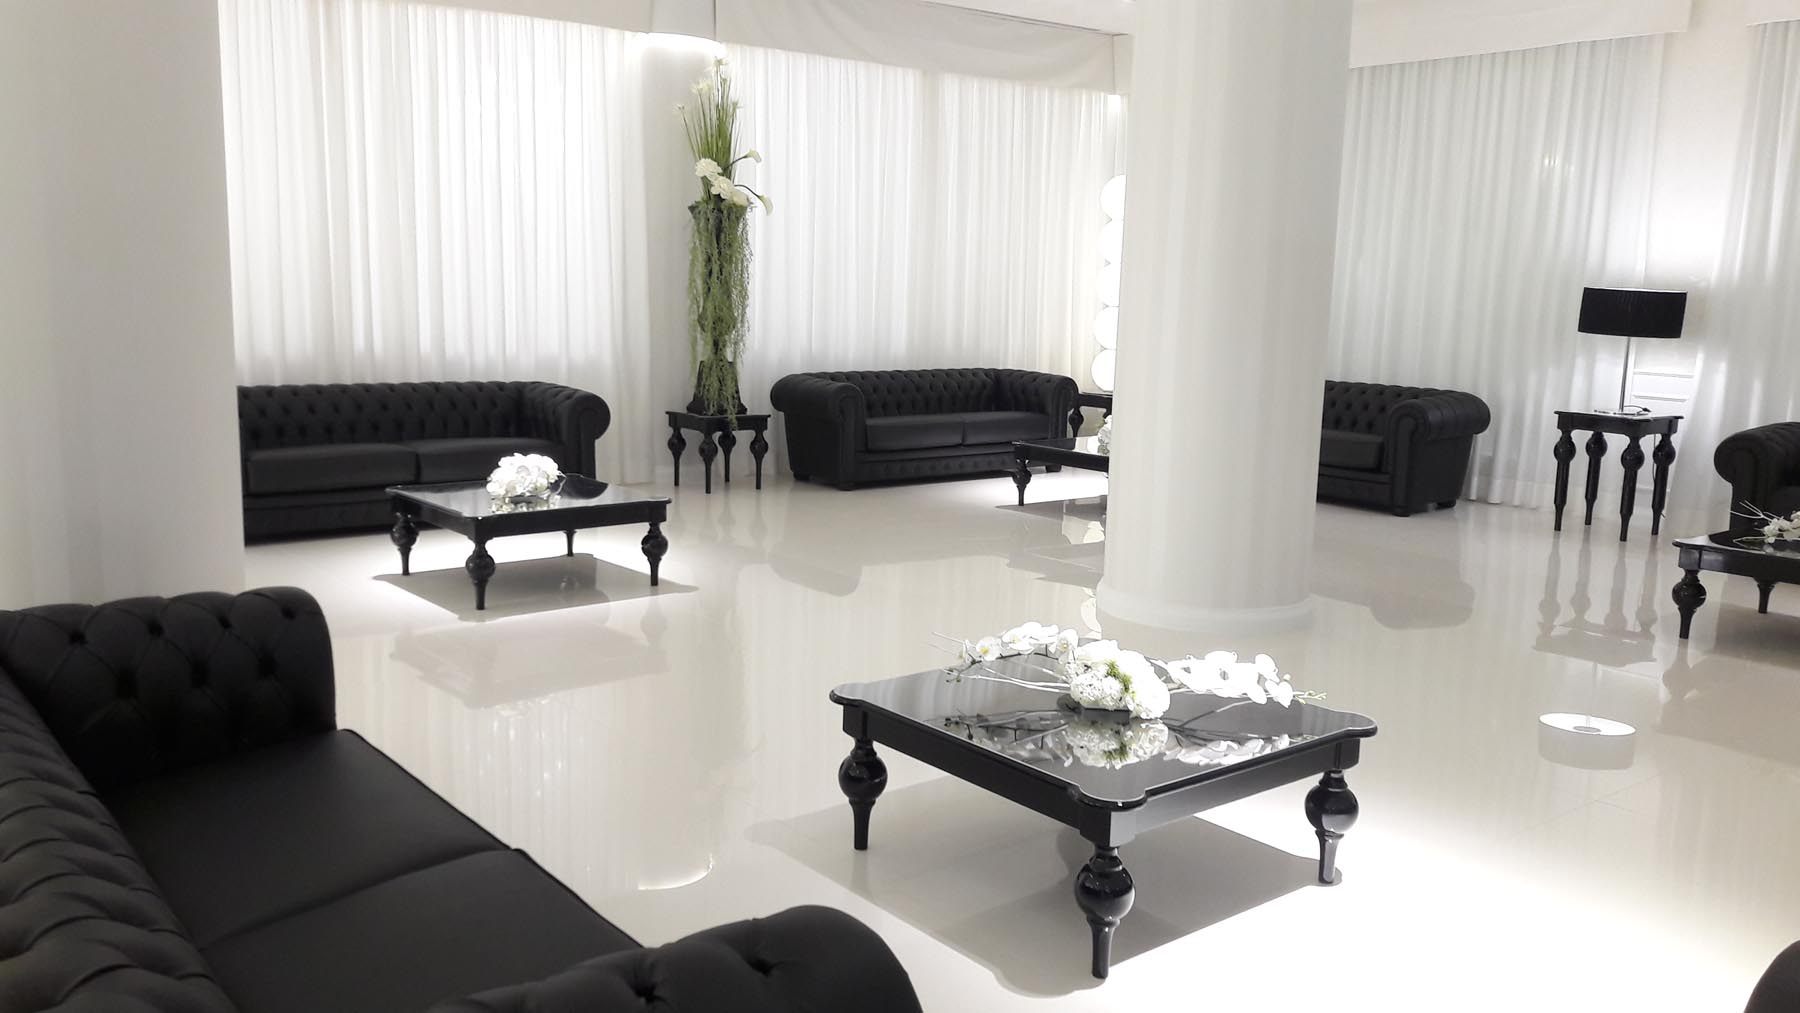 Dea-Ebe-Black-e-White-in-stile-chanel-(1)